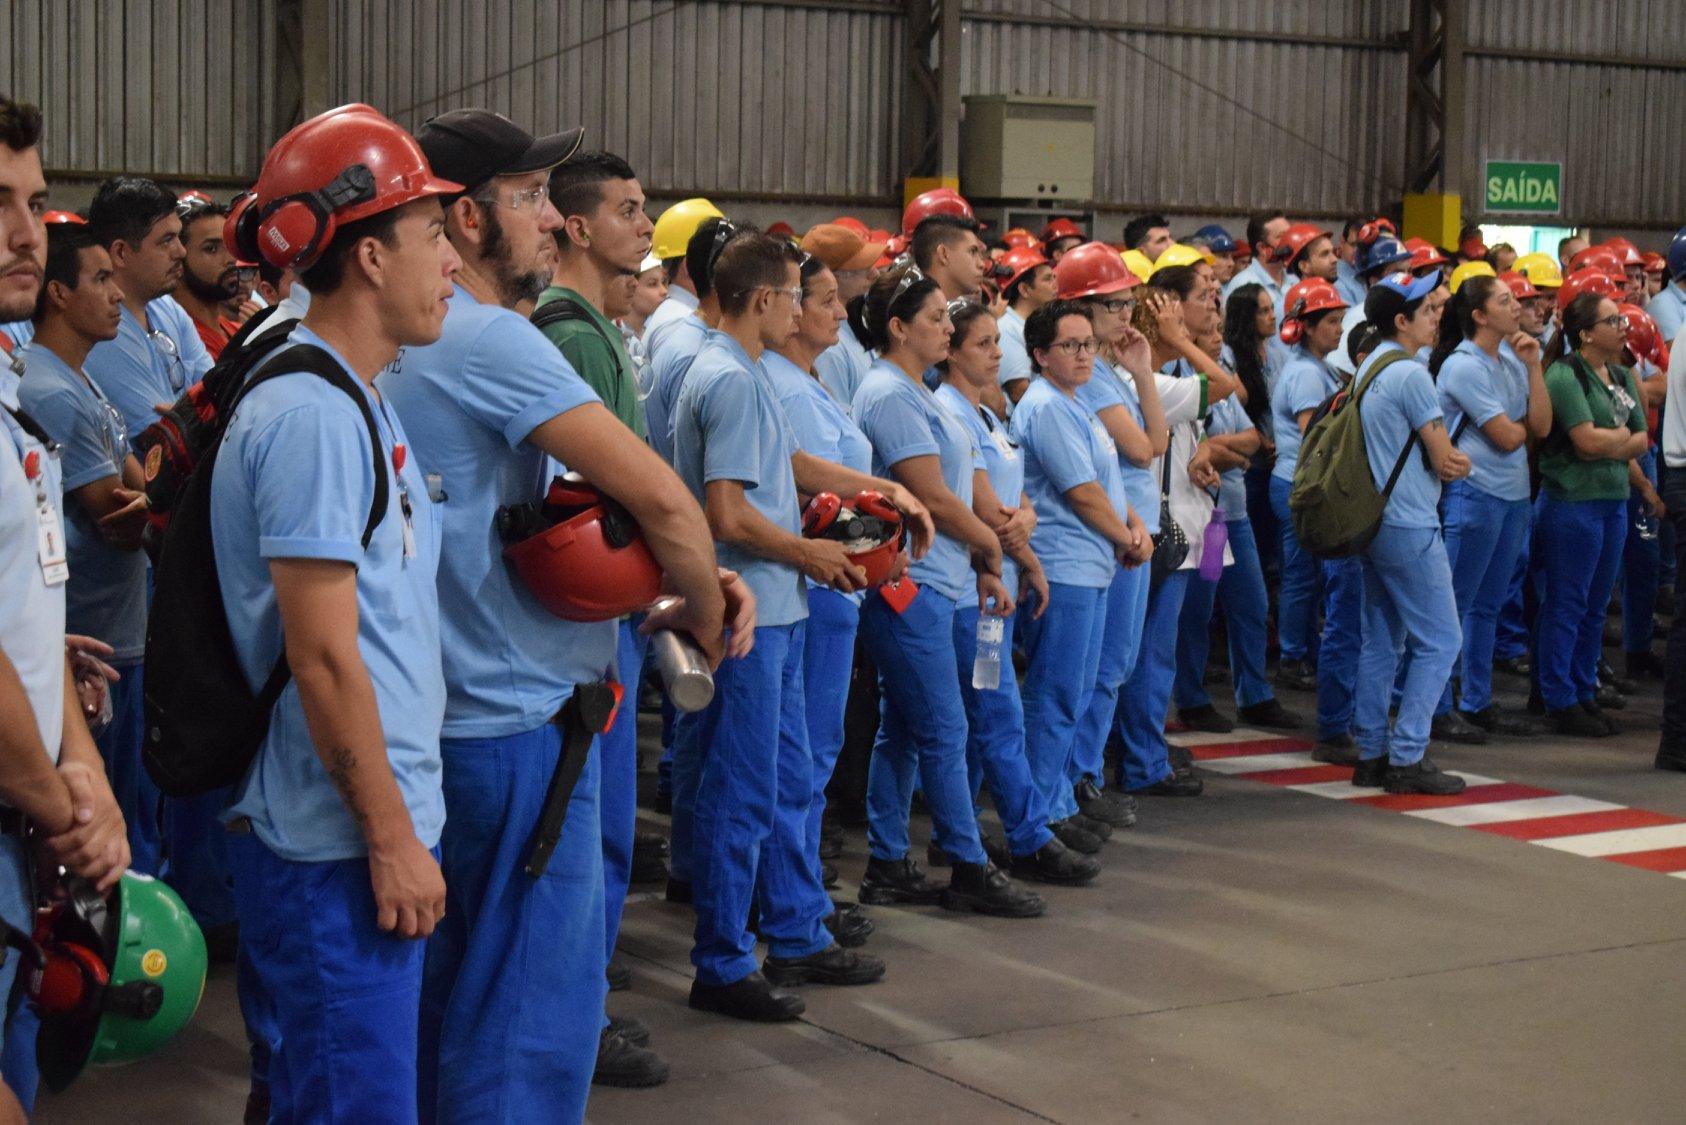 200 vagas de emprego abertas por fornecedora de itens para a construção civil para operadores, ajustadores, supervisores e mais